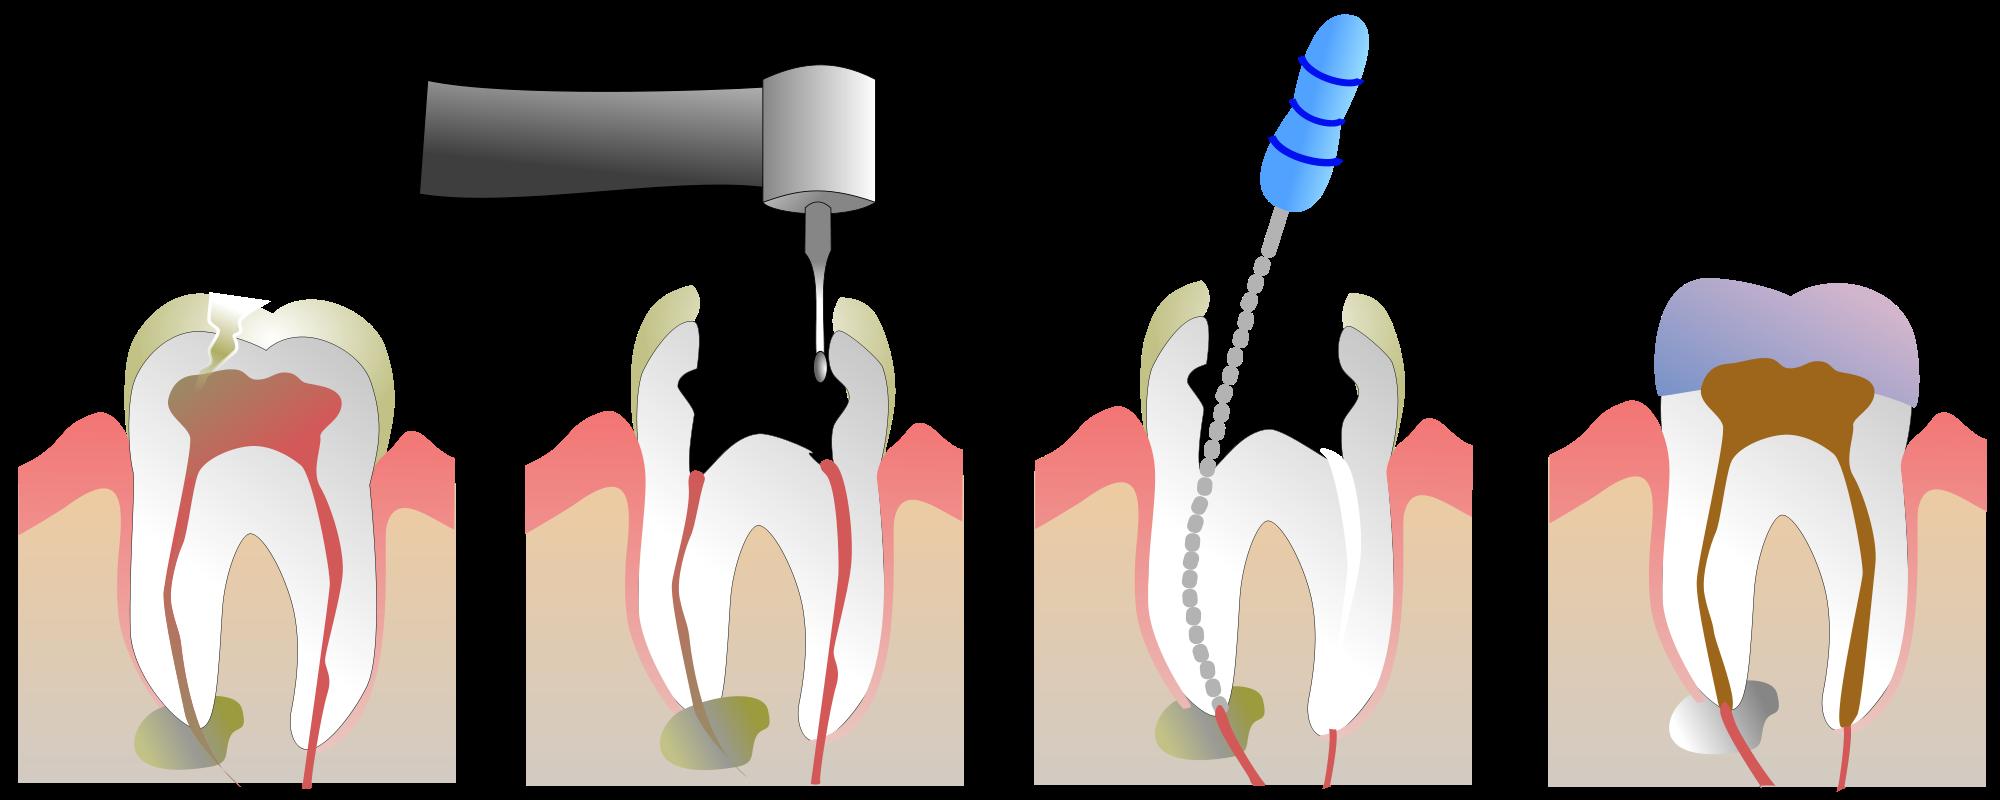 Оглавление методы пломбирования корневых каналов способы пломбирования корневых каналов пломбирование корневого канала штифтами в комбинации с заполнителем. - презентация